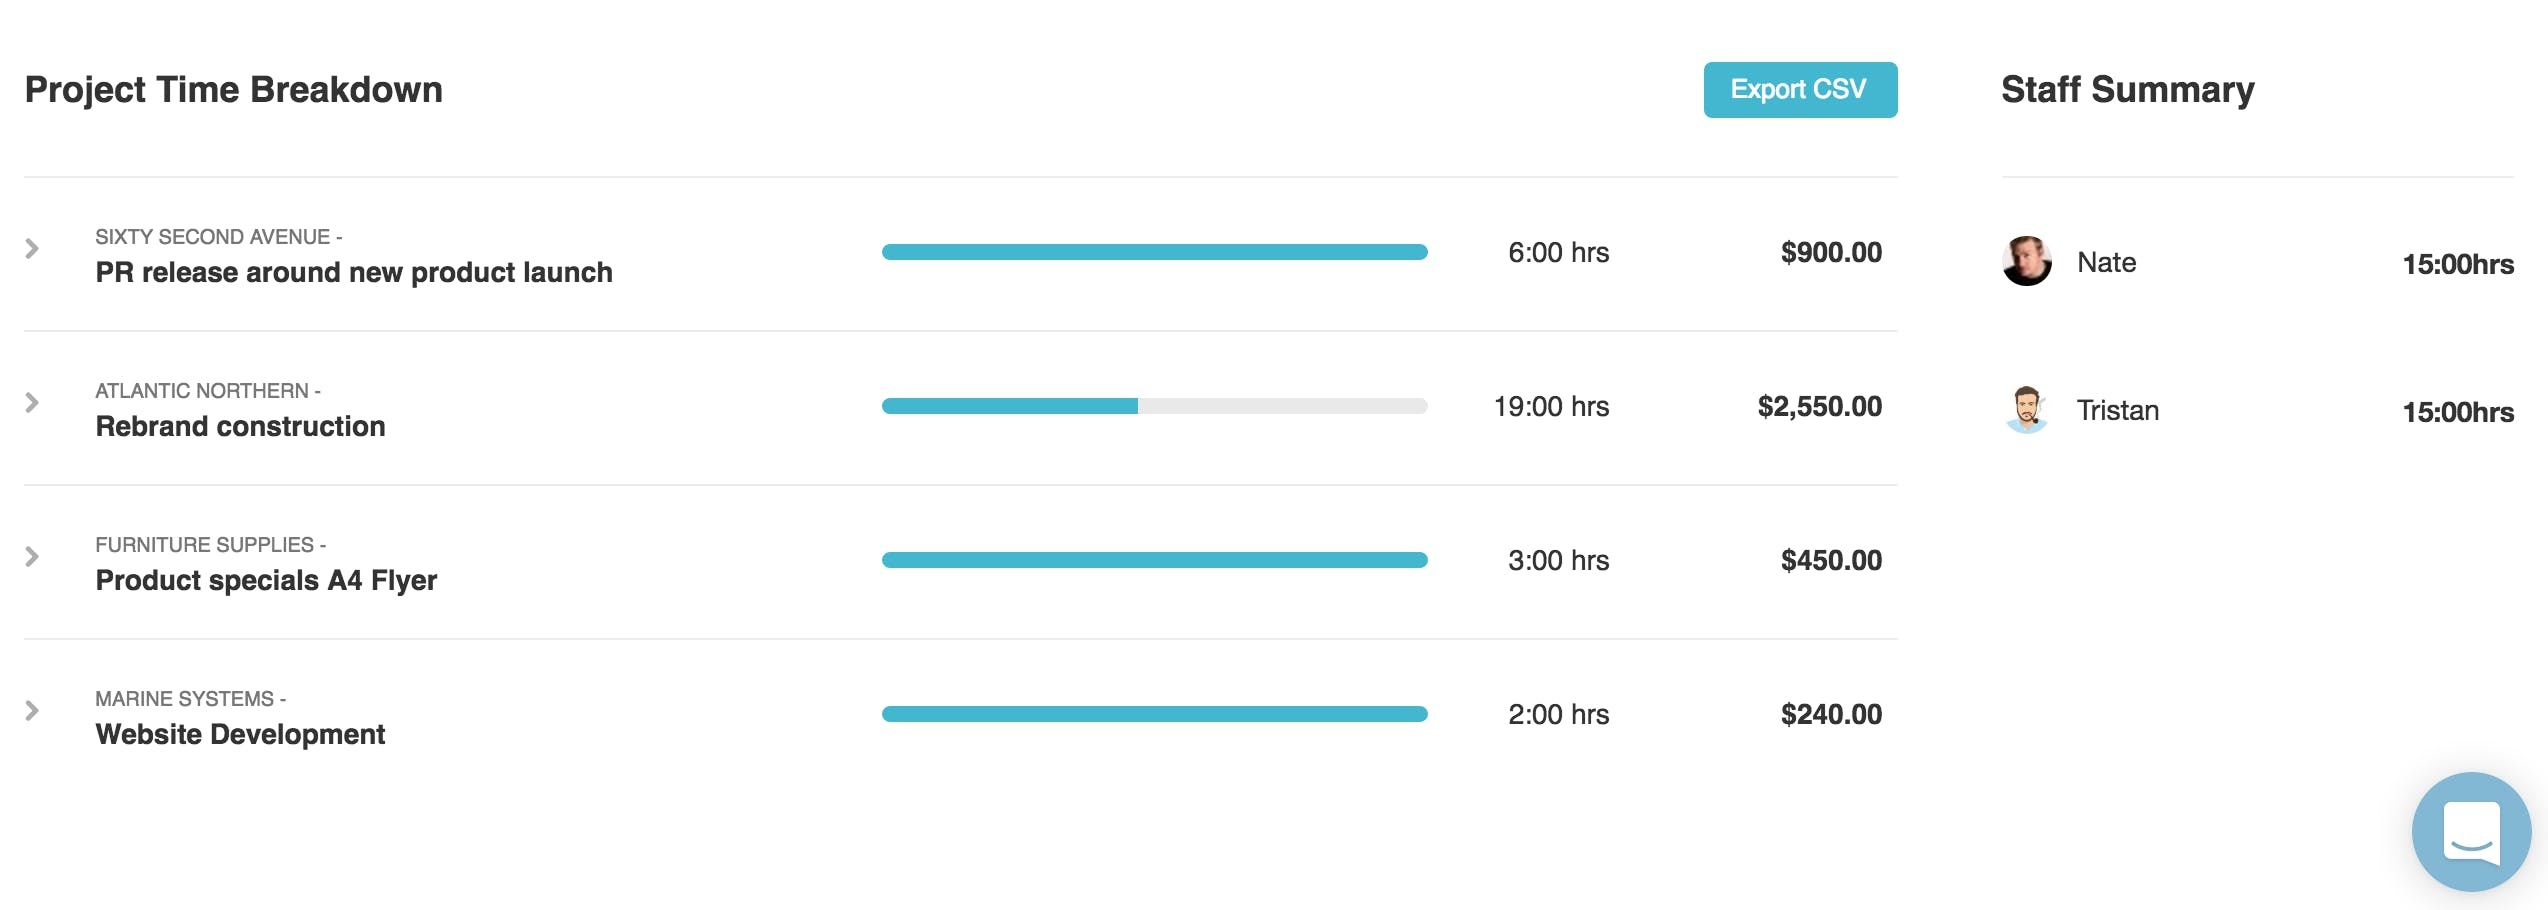 Project time breakdown/report in Roll